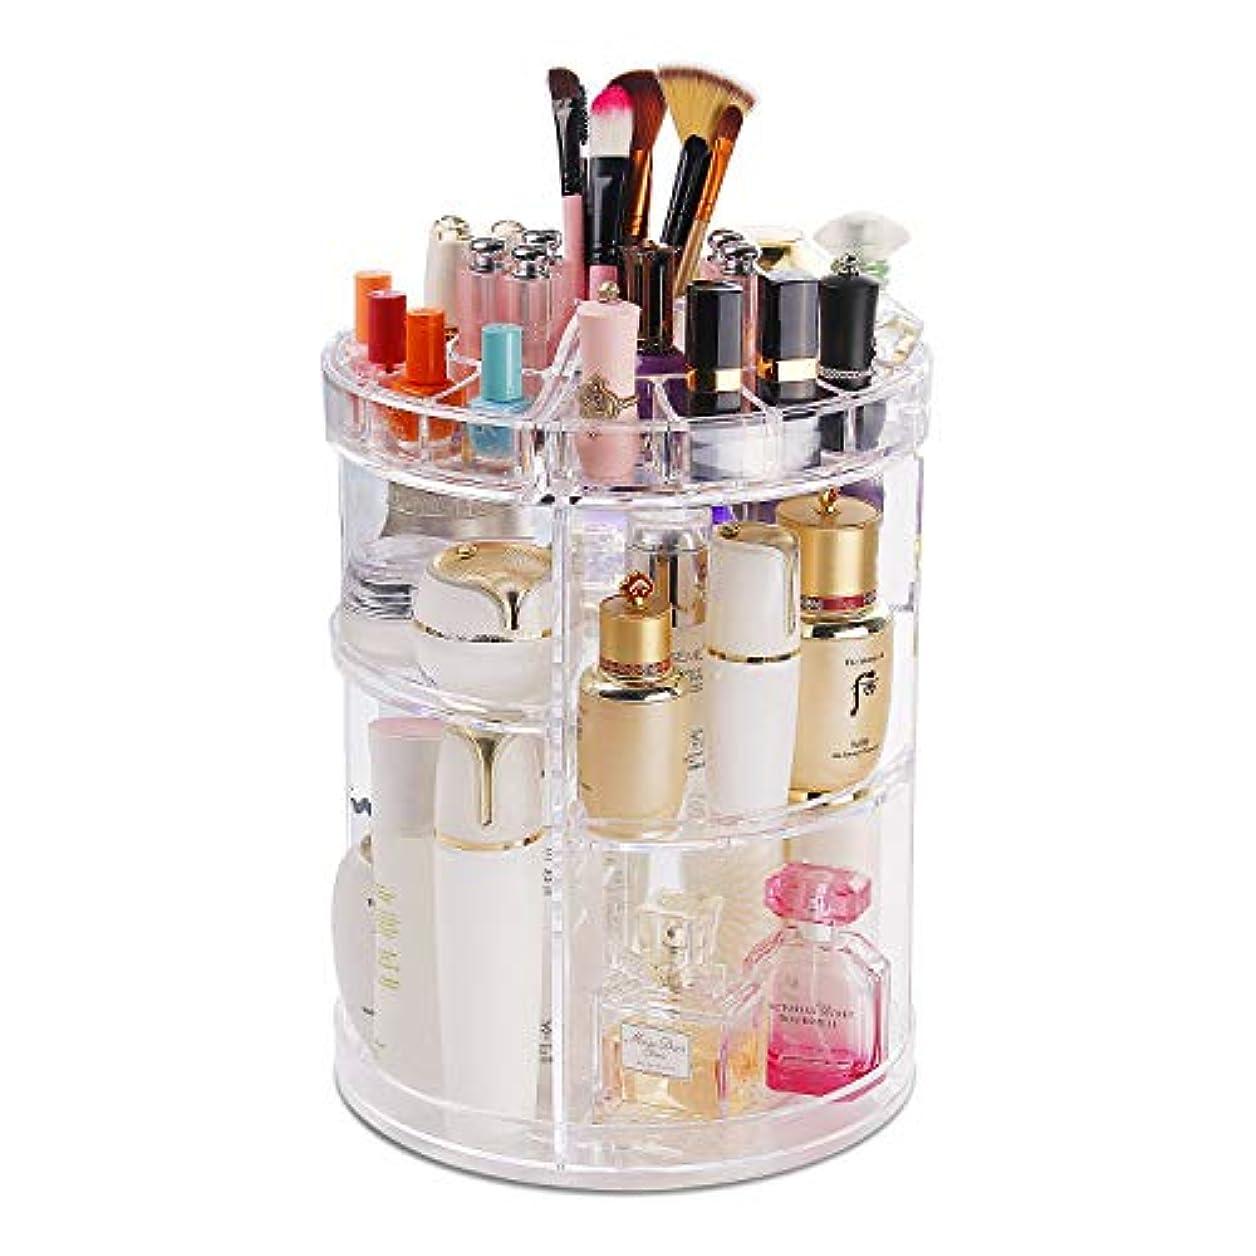 一節寛容な意外化粧品収納ボックス コスメボックス 360度回転化粧品収納ラック 大容量透明化粧品ケース メイクボックス 女の子のギフト